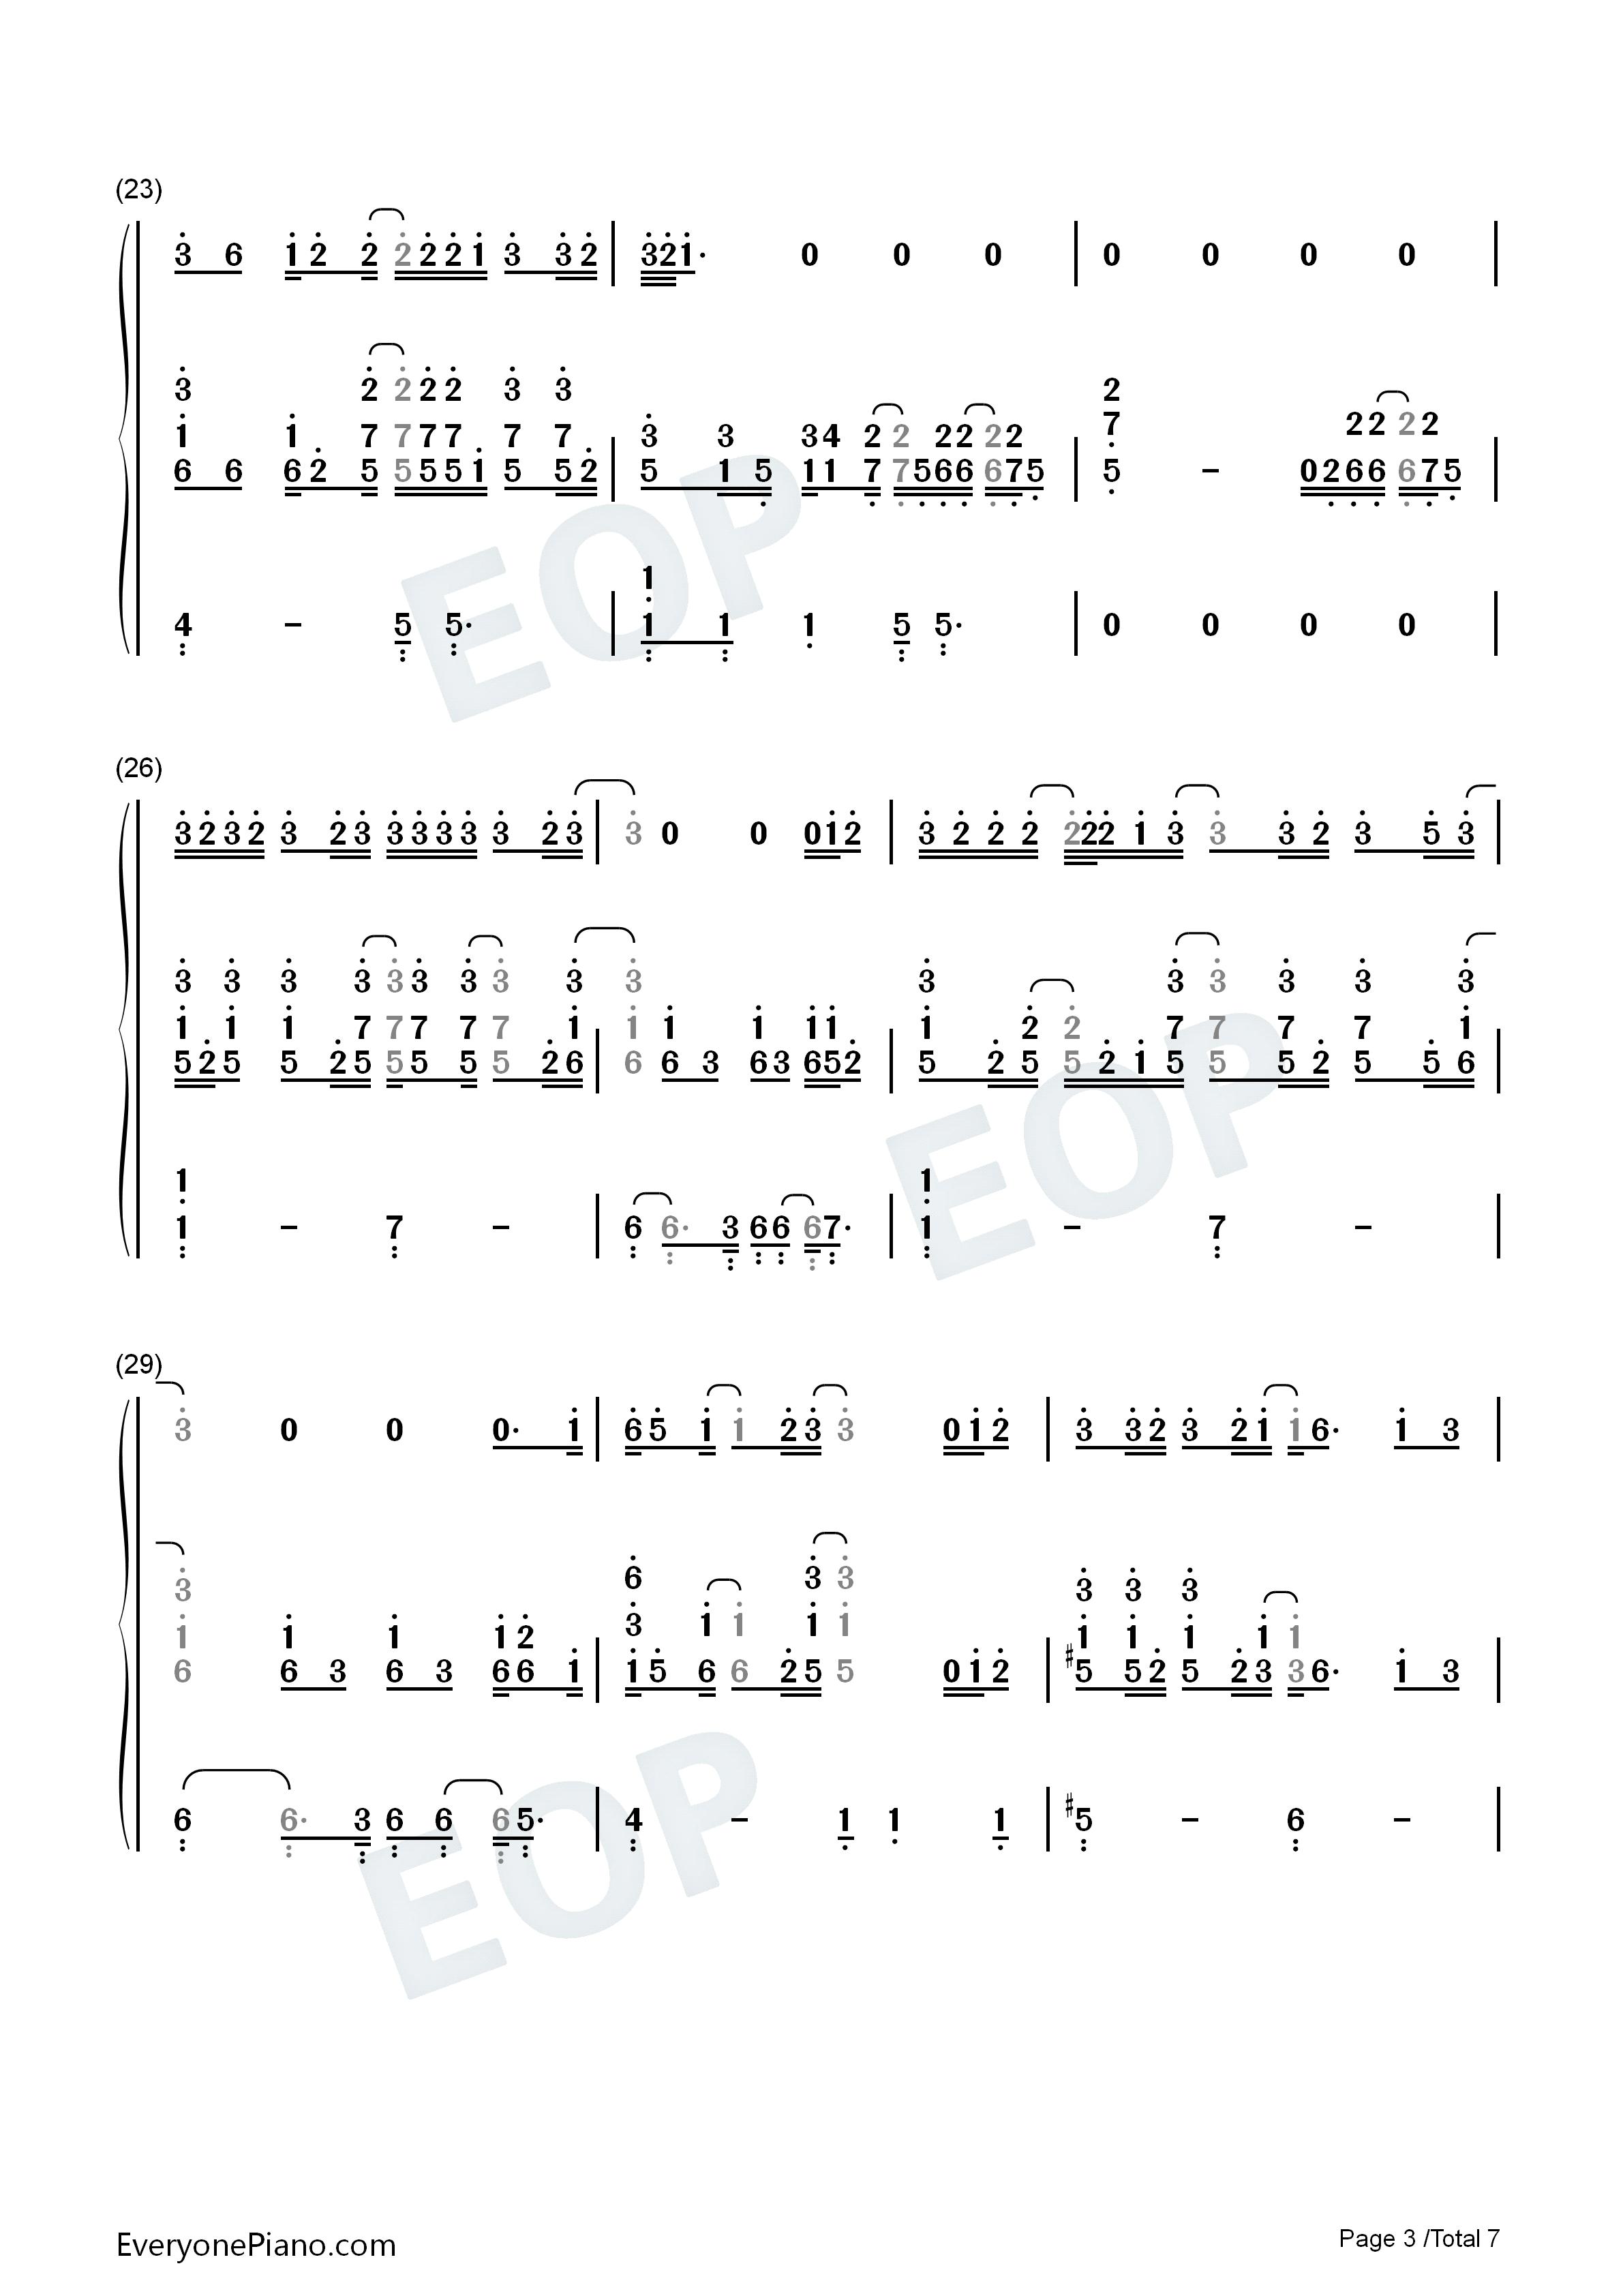 尼尔 波特双手简谱预览3 钢琴谱档 五线谱 双手简谱 数位谱 Midi PDF